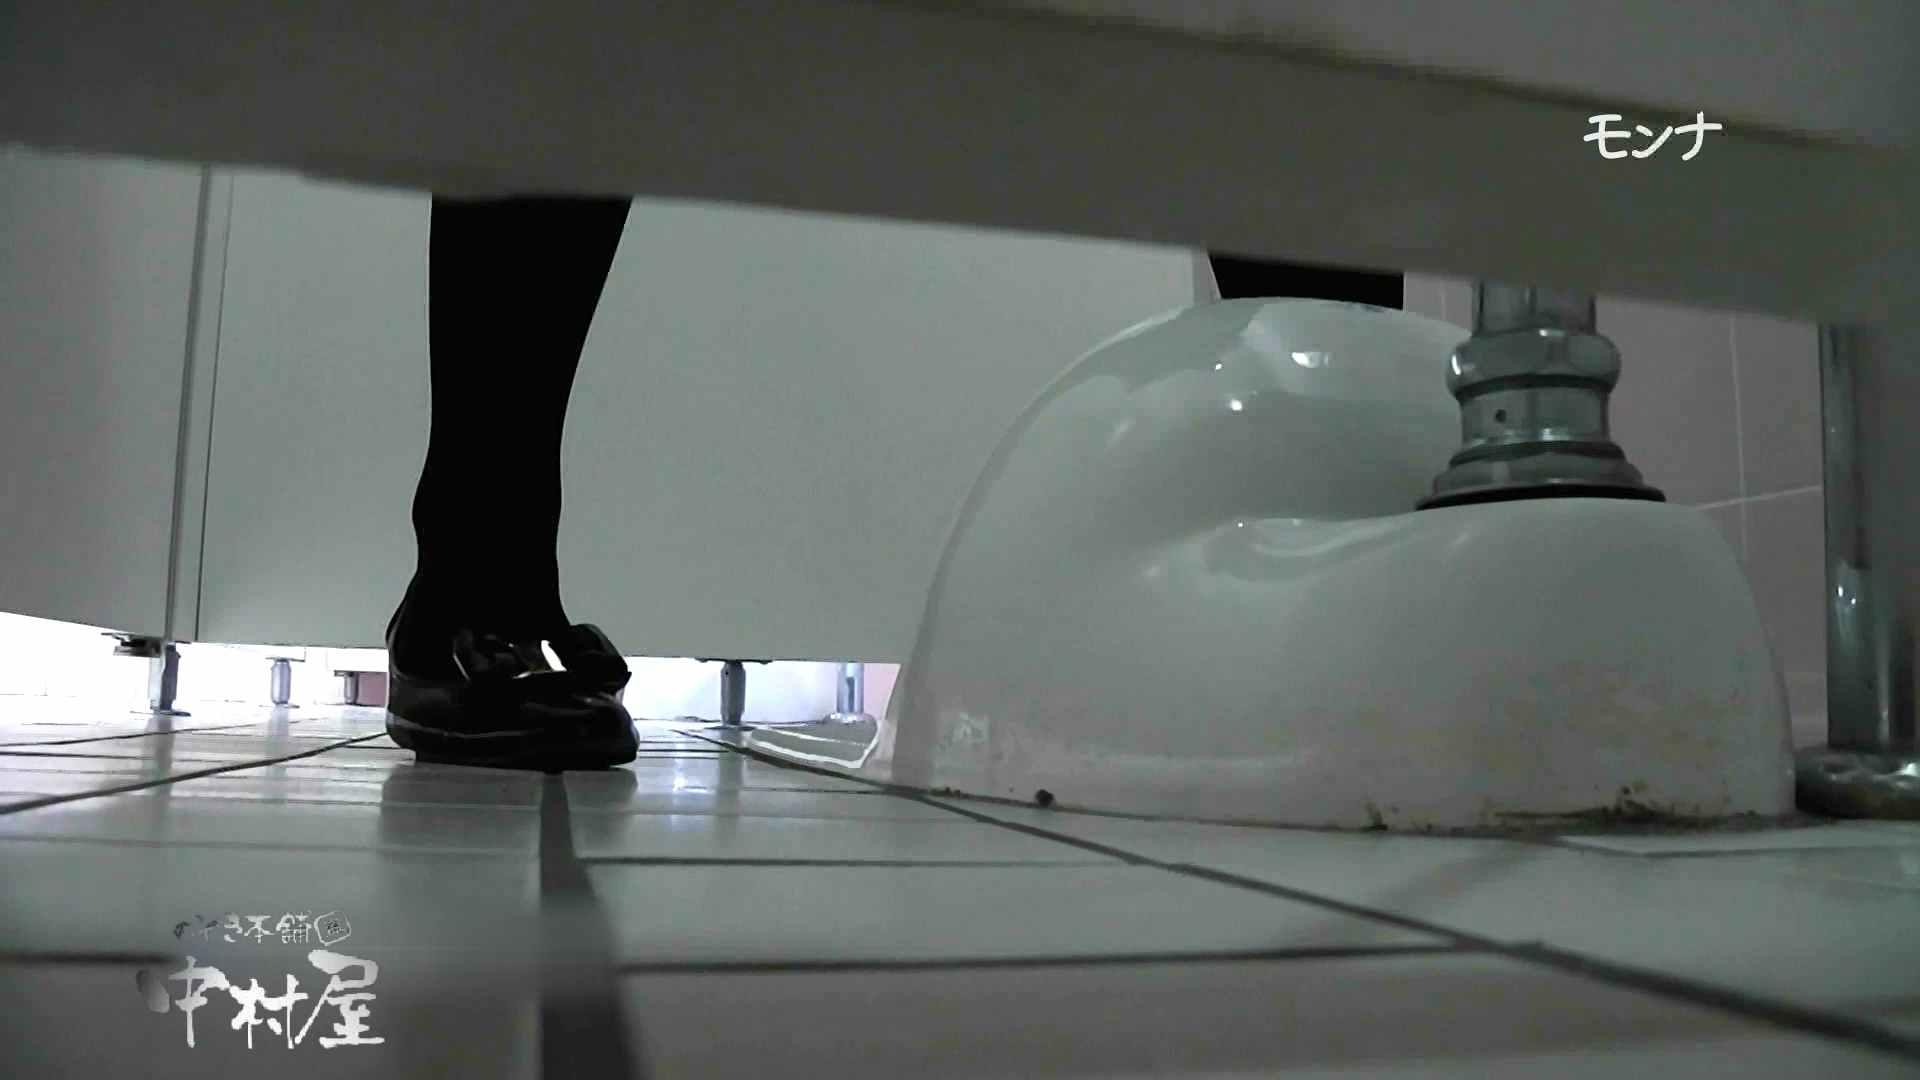 【美しい日本の未来】遂に!!戸田恵梨香似の予告モデル登場ダッシュで「大」後編 おまんこ無修正  59画像 30